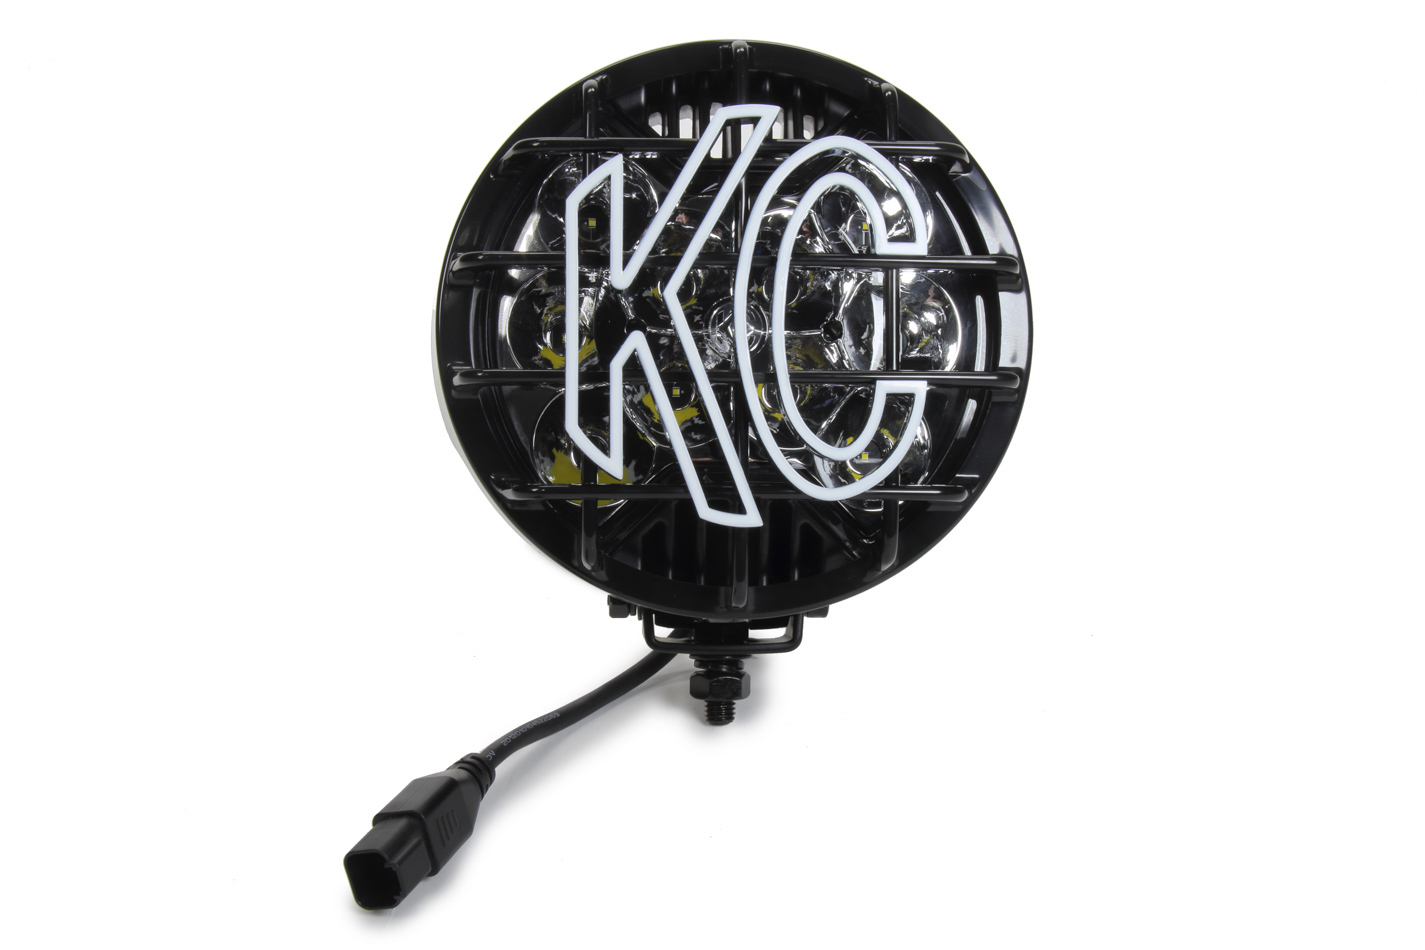 Kc Hilites SlimLite LED Light Each